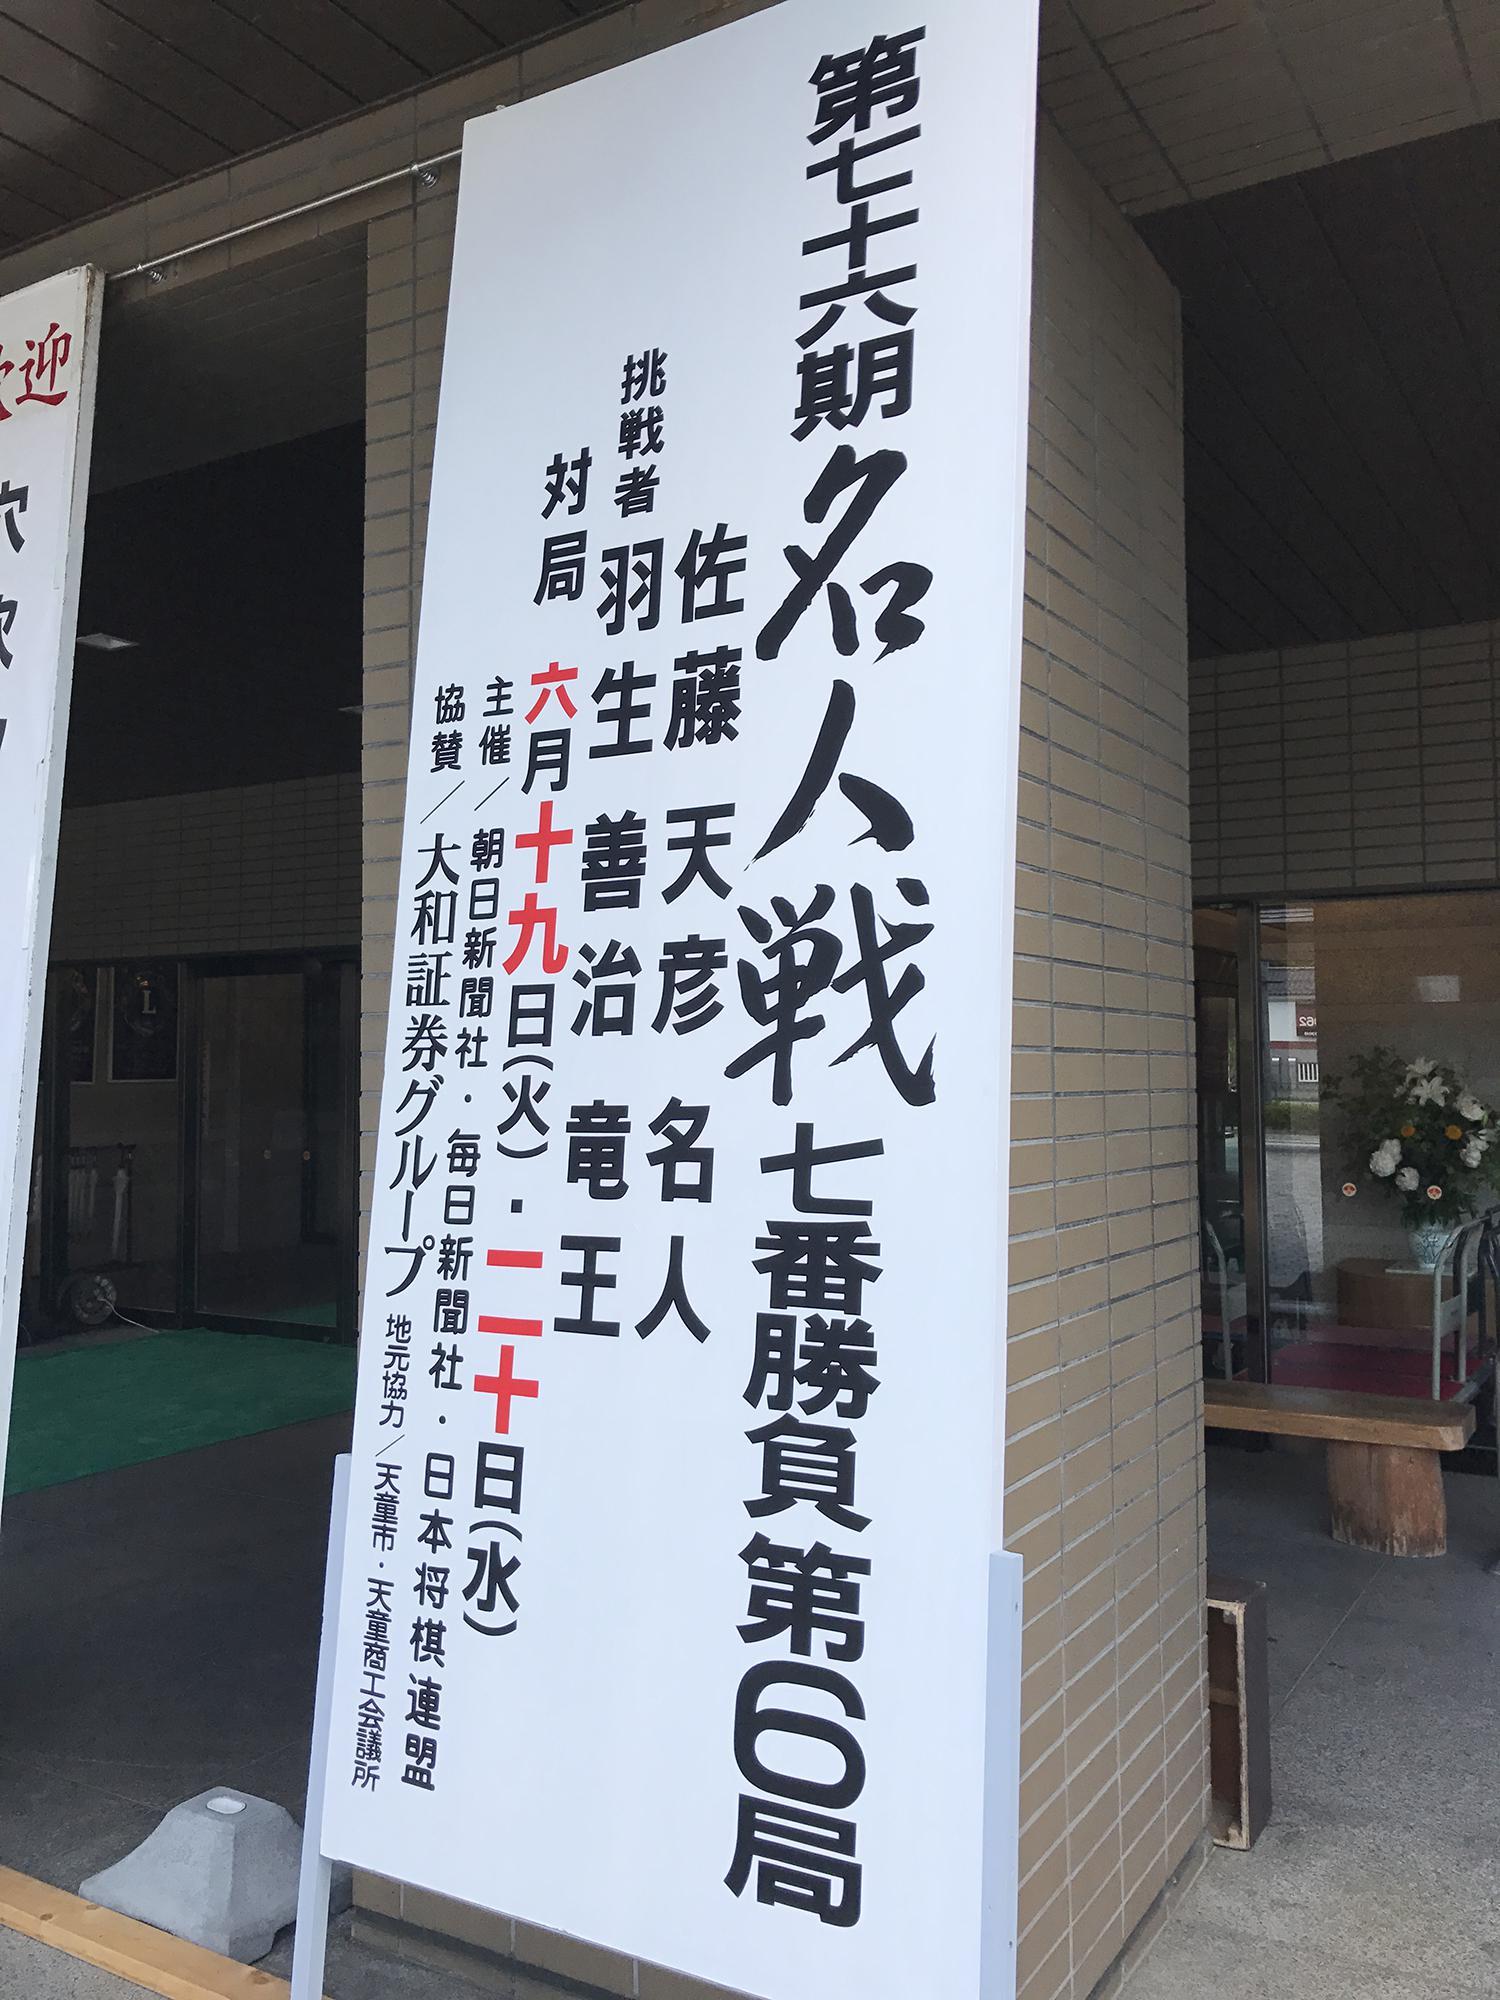 【第76期名人戦七番勝負第6局】大盤解説会始まります!